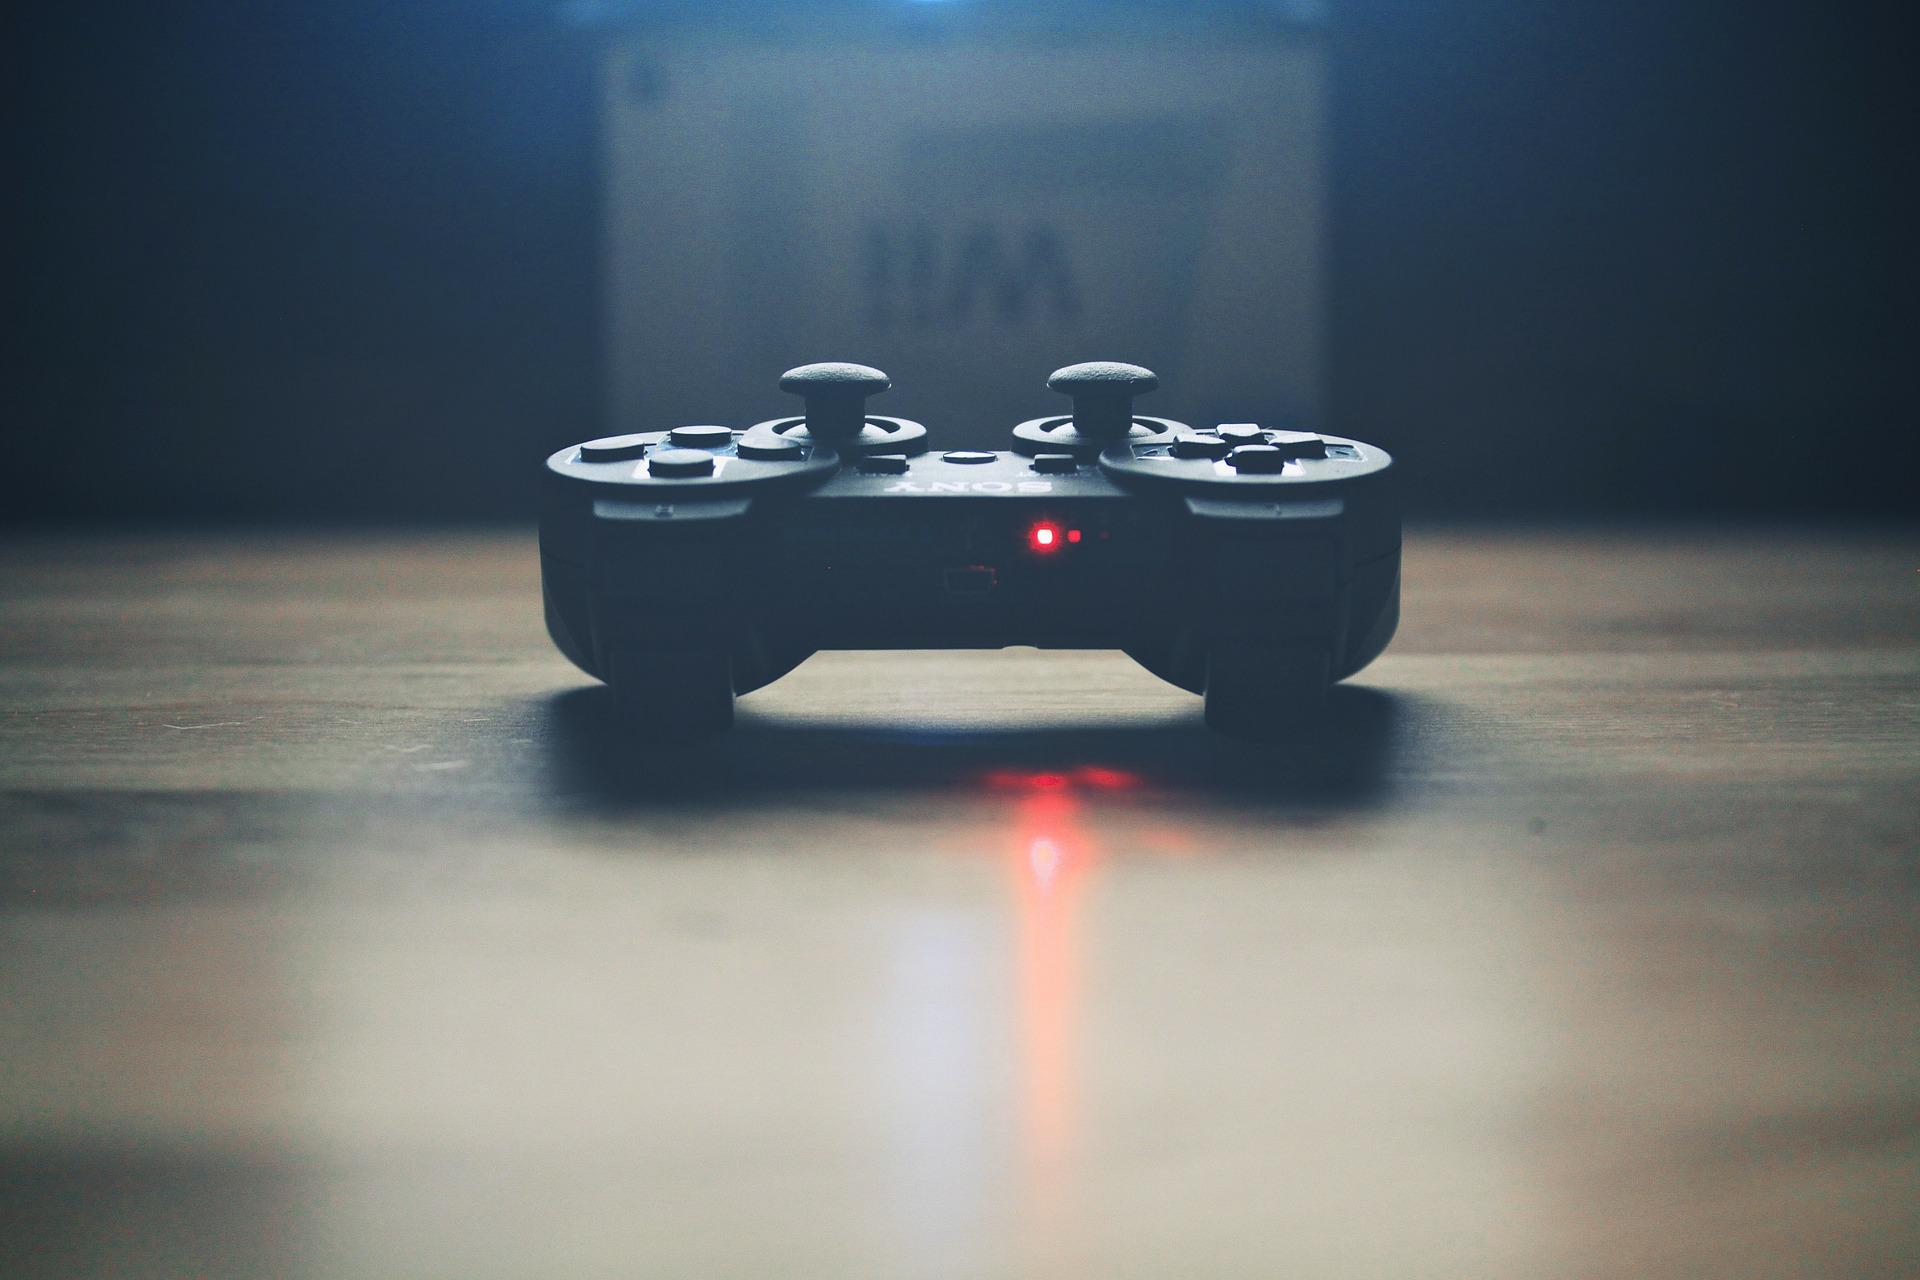 Juega para ganar: disrupción de la industria de los juegos NFT